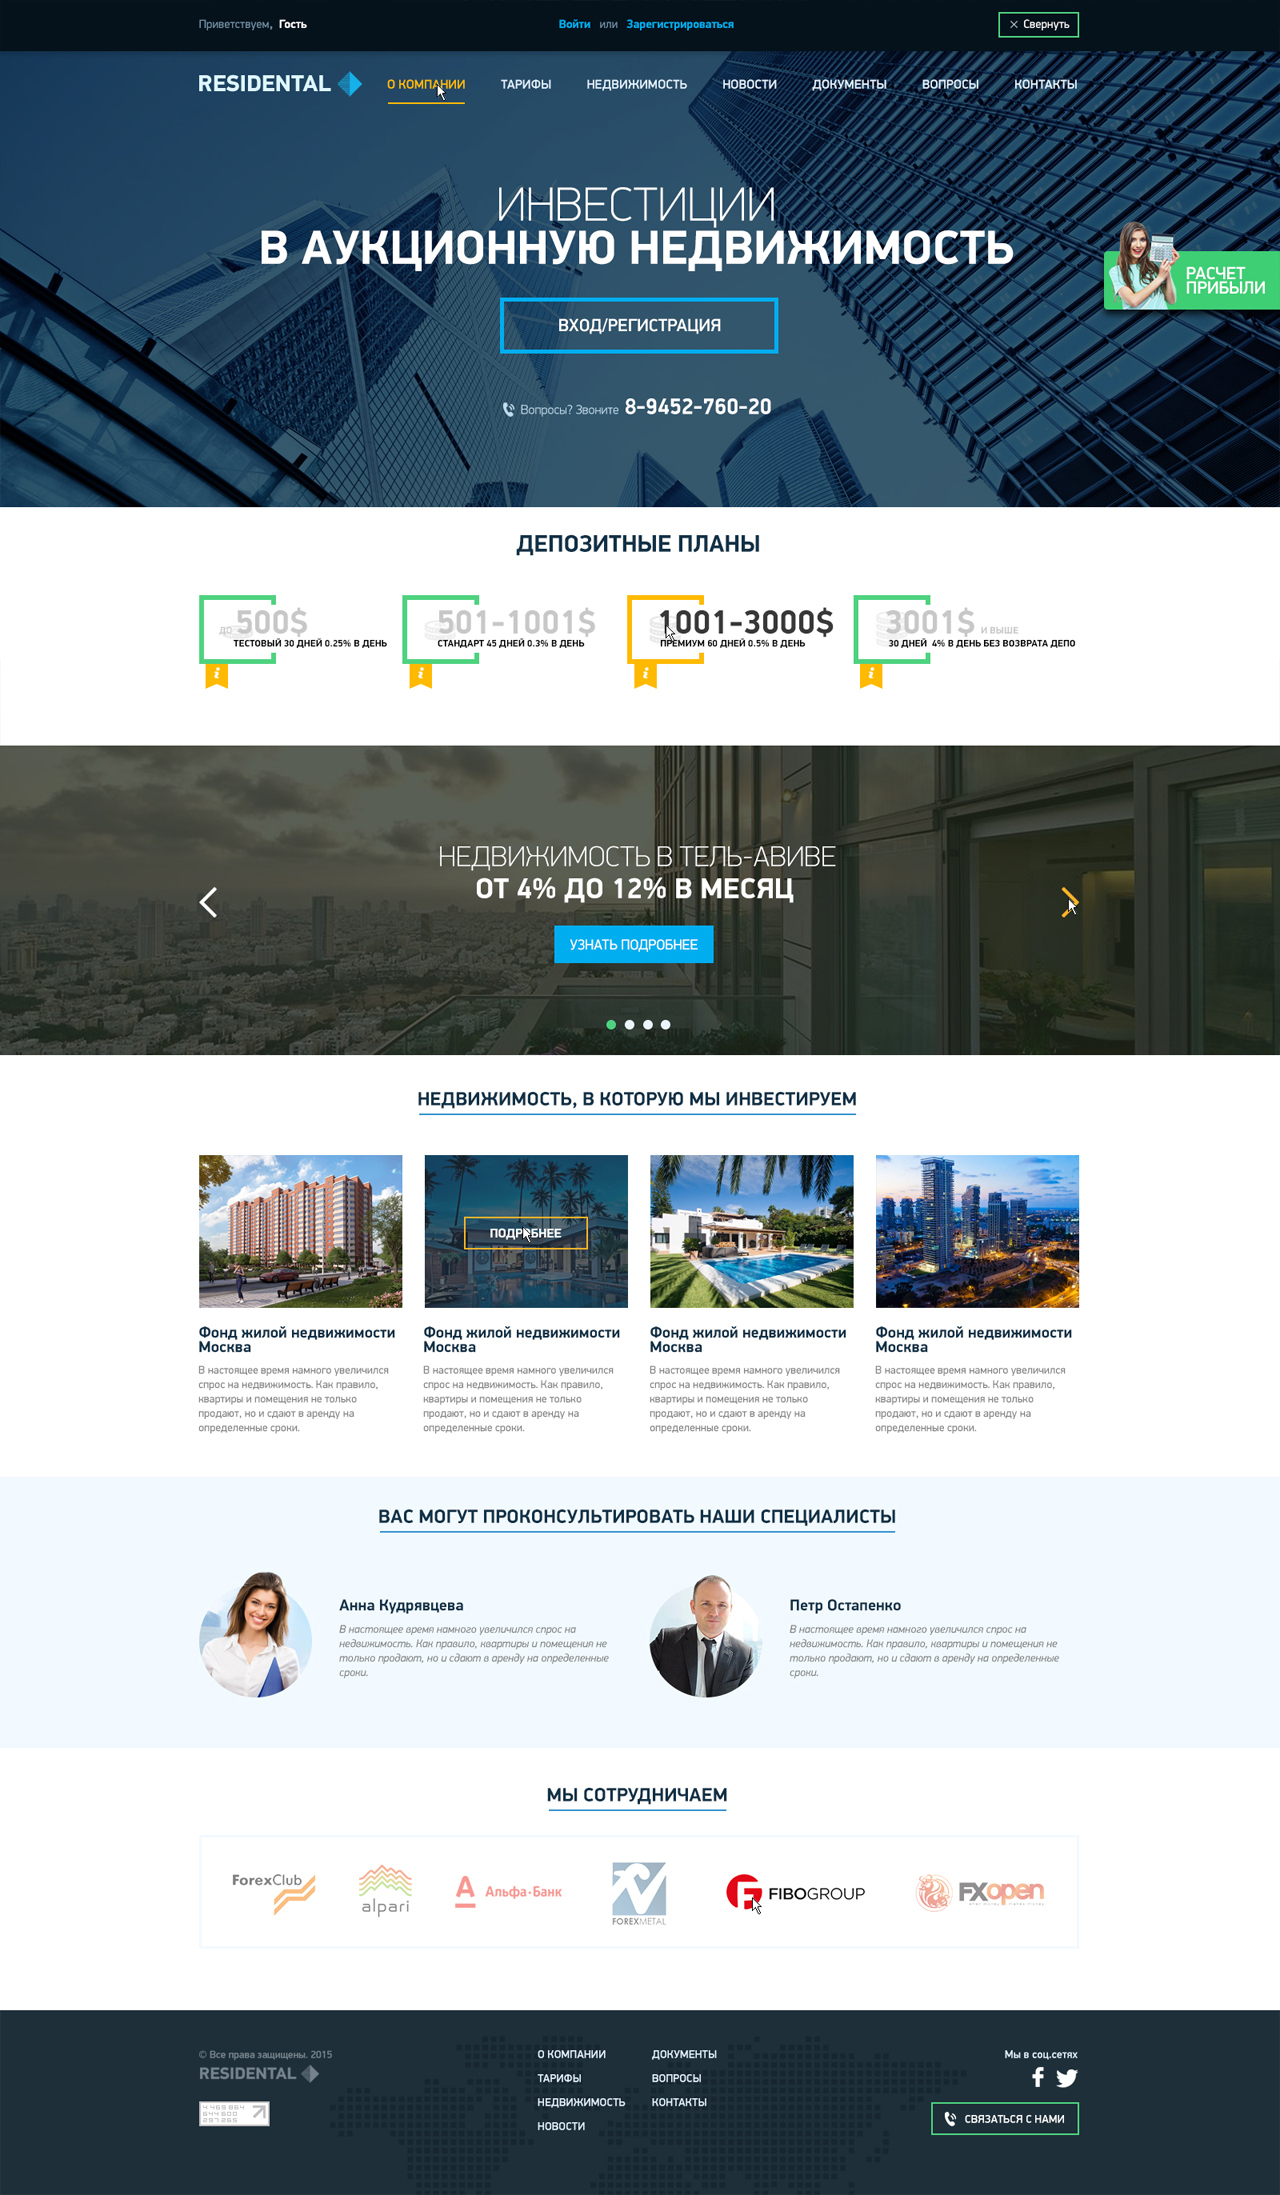 Инвестиции в аукционную недвижимость